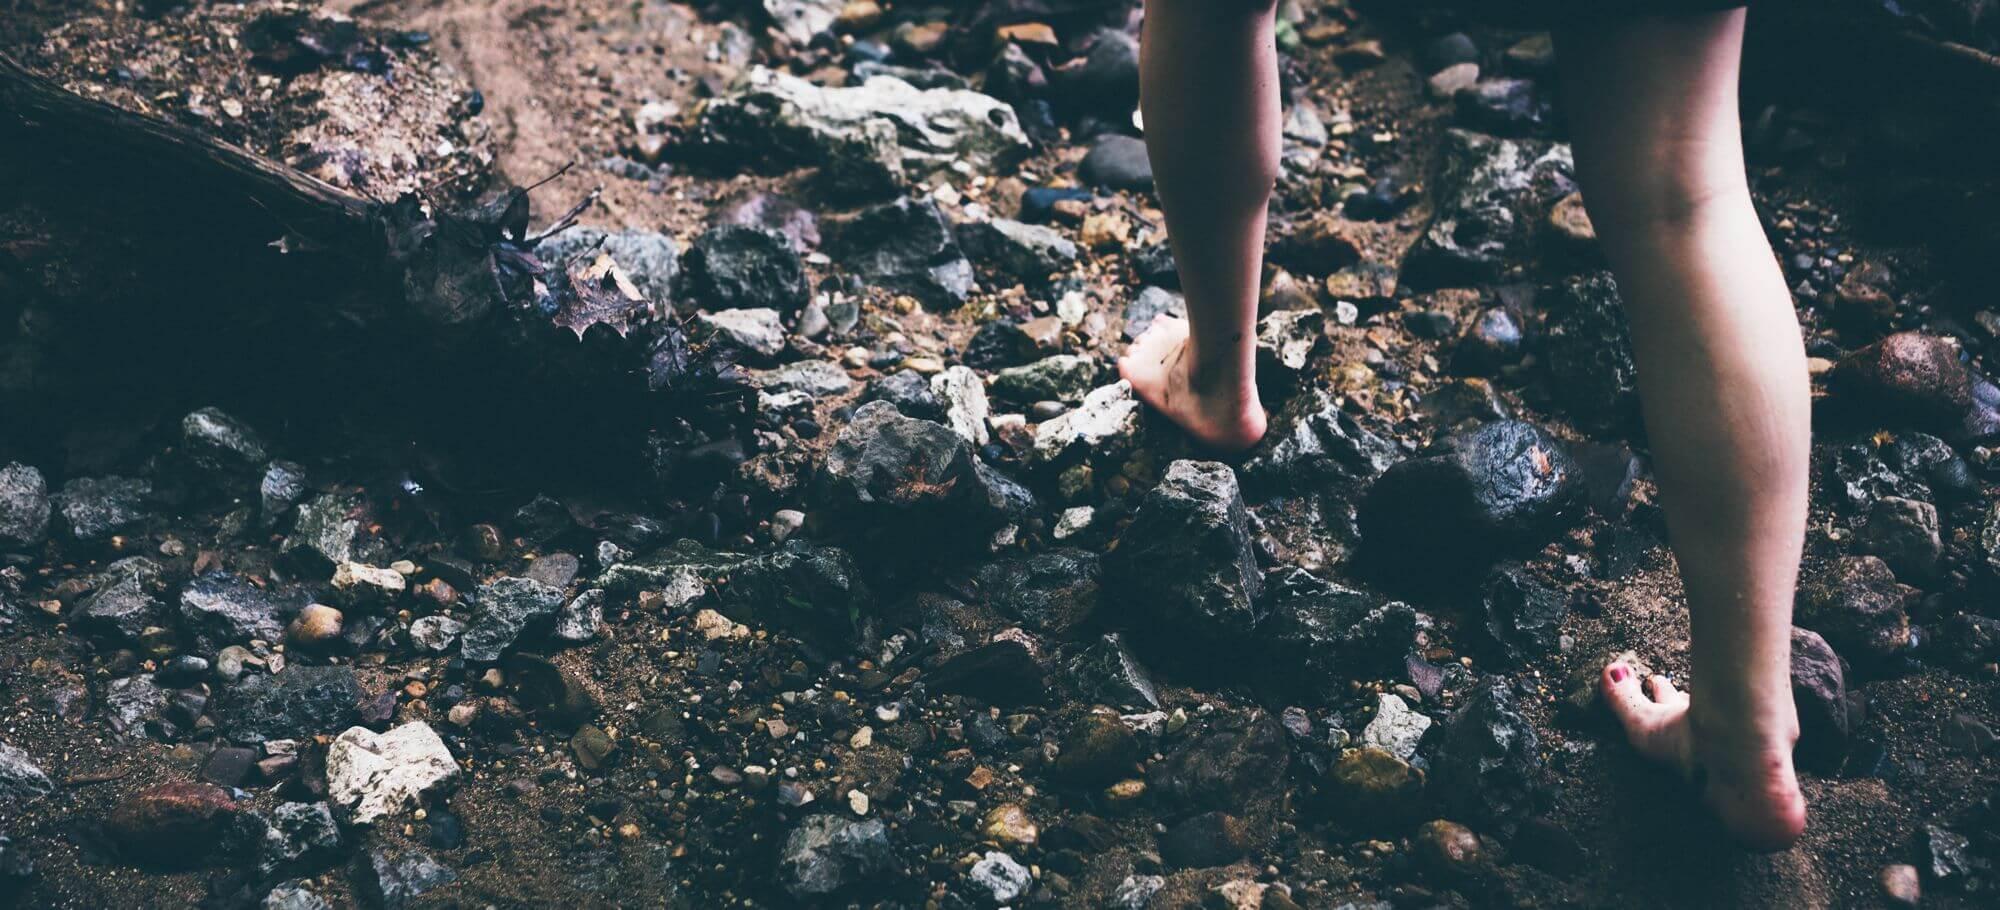 Barfuß laufen ist gesund